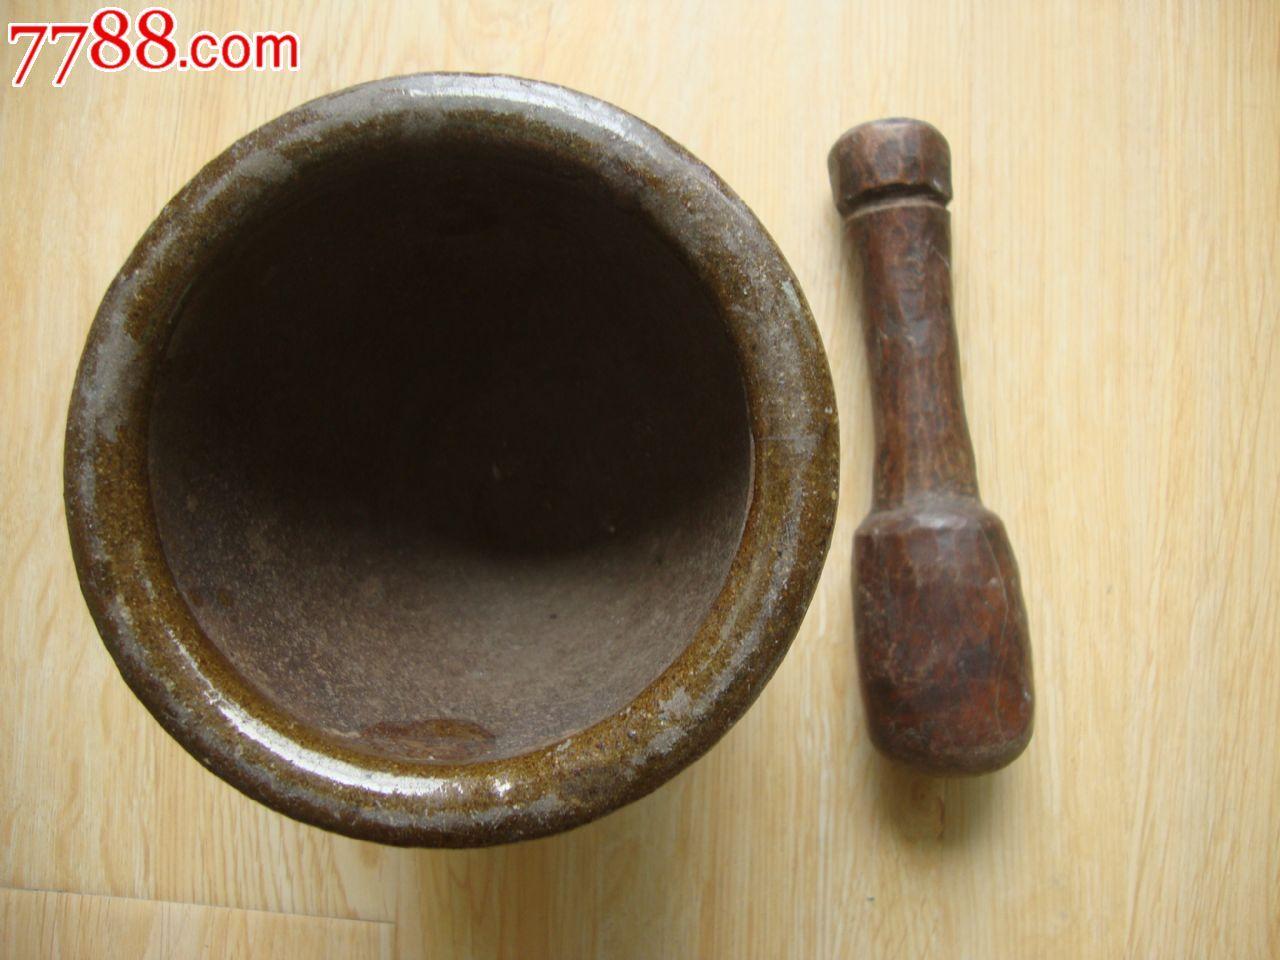 解放初期酱黄釉带花纹中药凿子捣药碾子罐子一套中医药